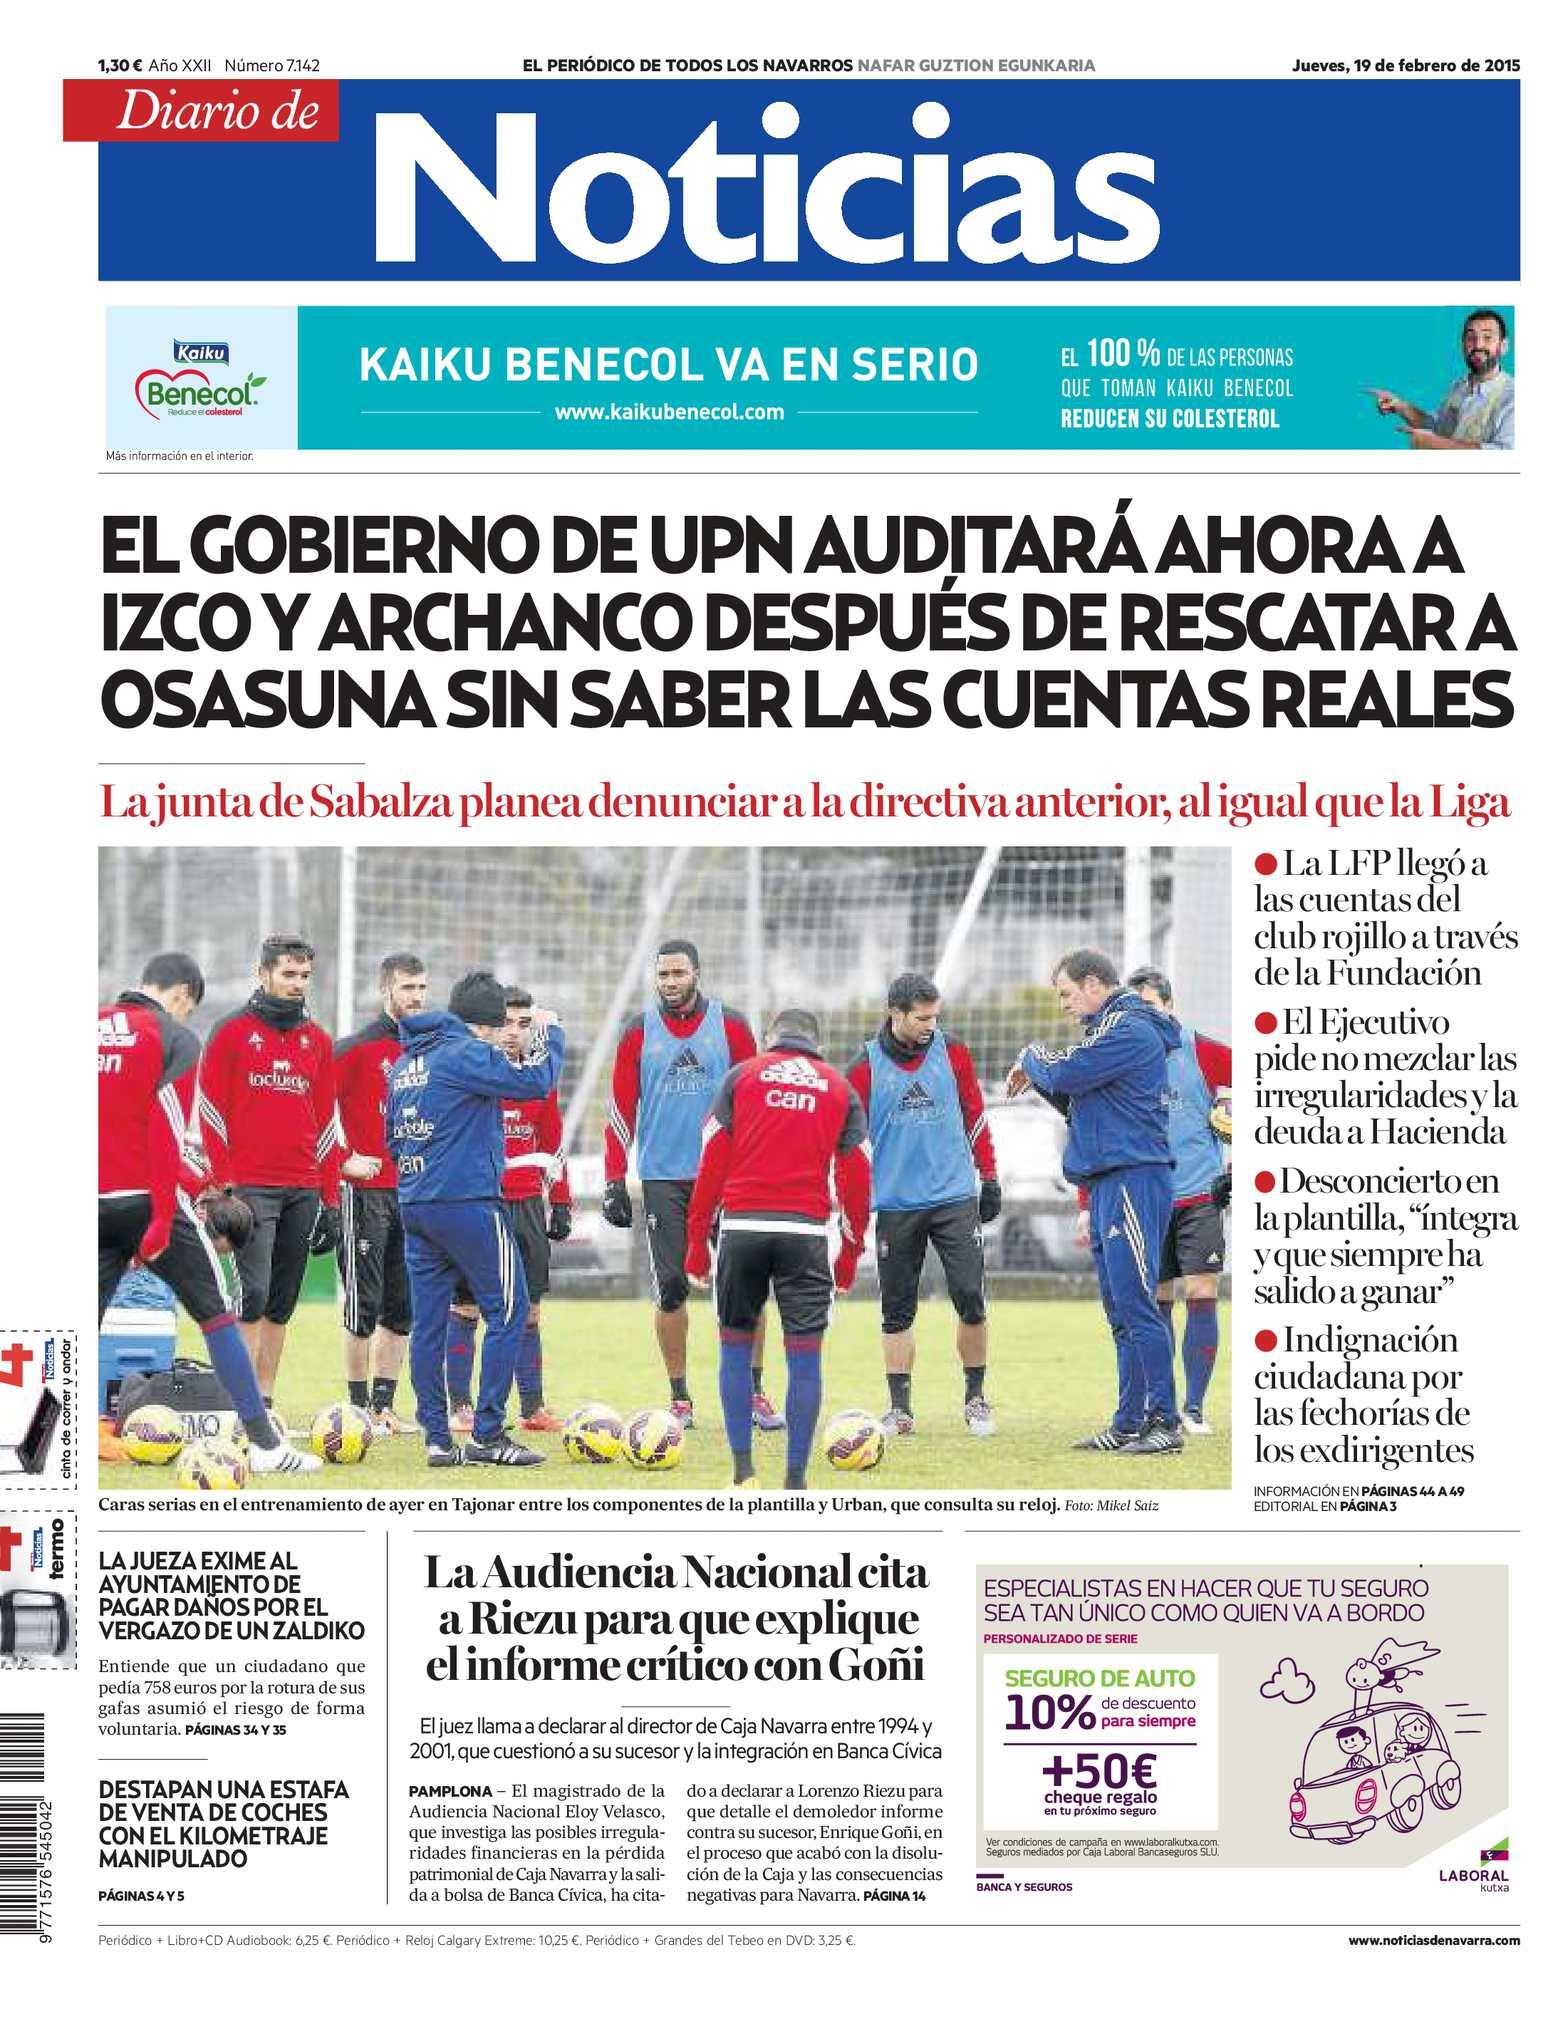 Calaméo - Diario de Noticias 20150219